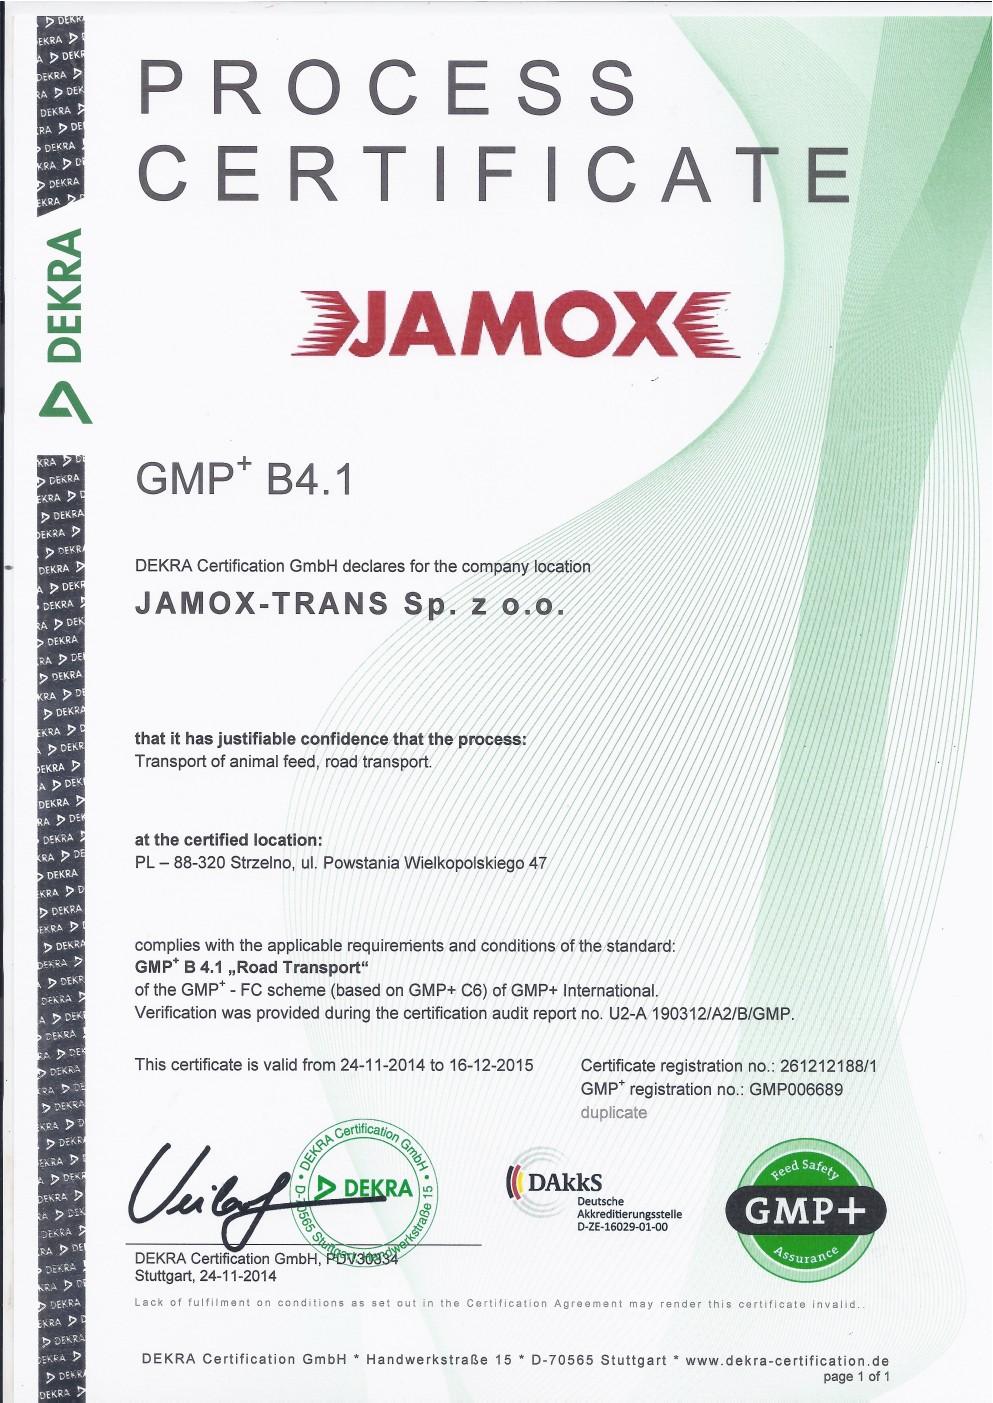 http://jamox.eu/wp-content/uploads/2019/05/gmp_eng.jpg